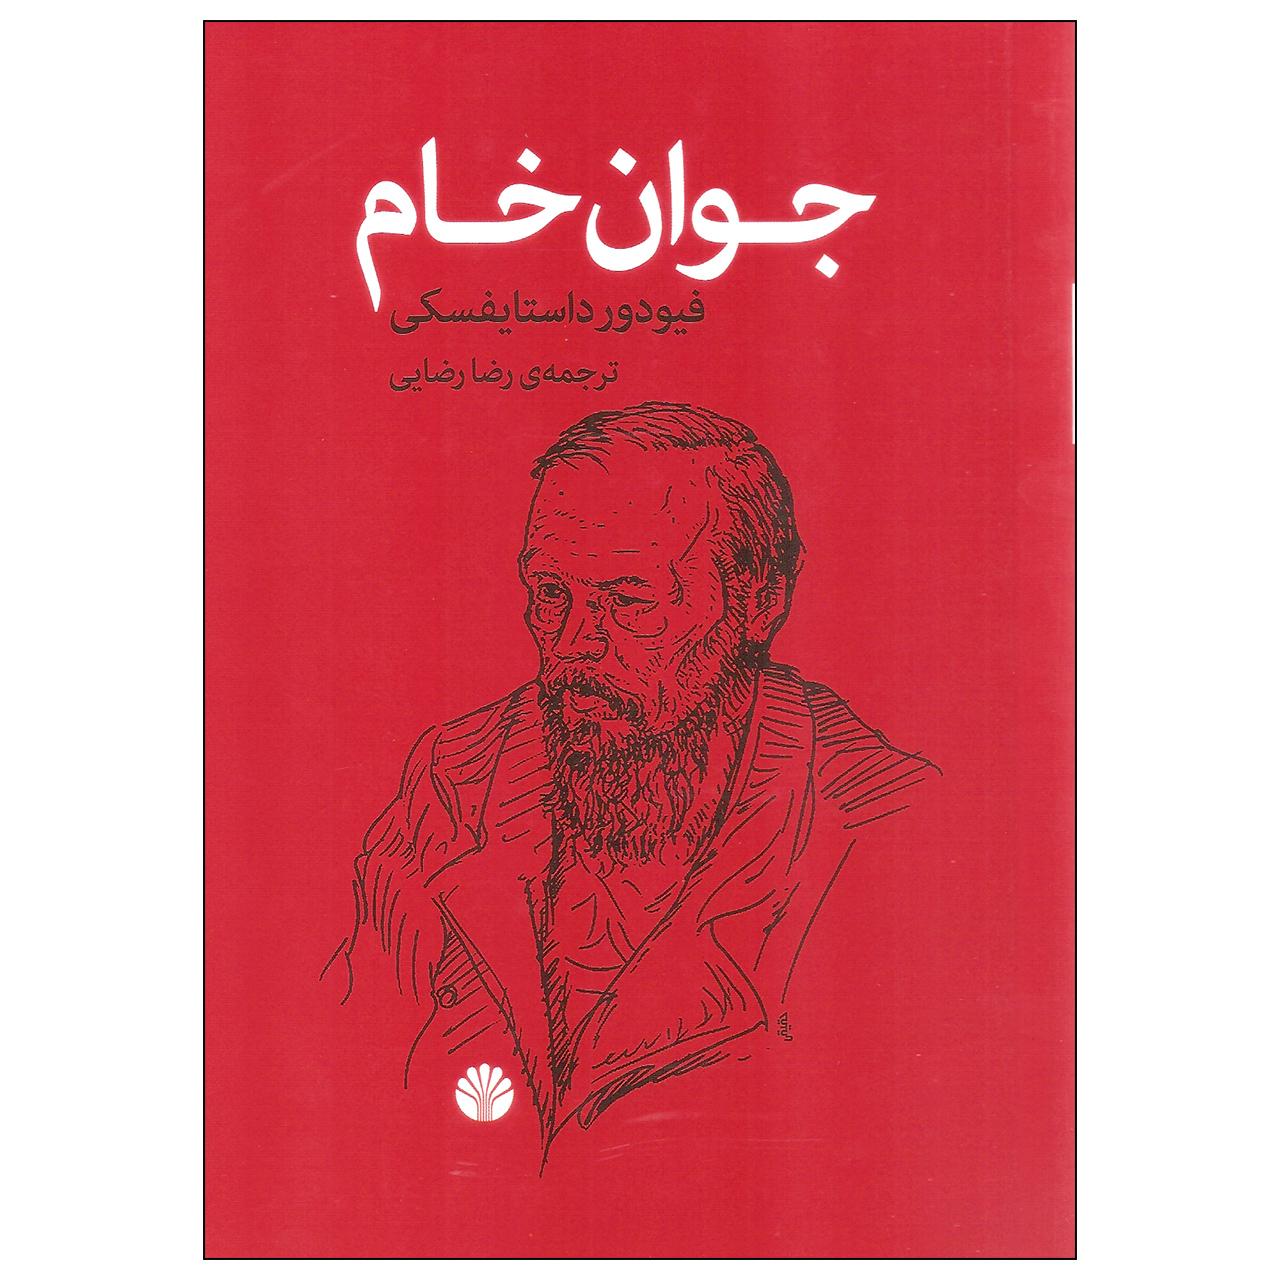 کتاب جوان خام اثر فیودور داستایفسکی نشر اختران